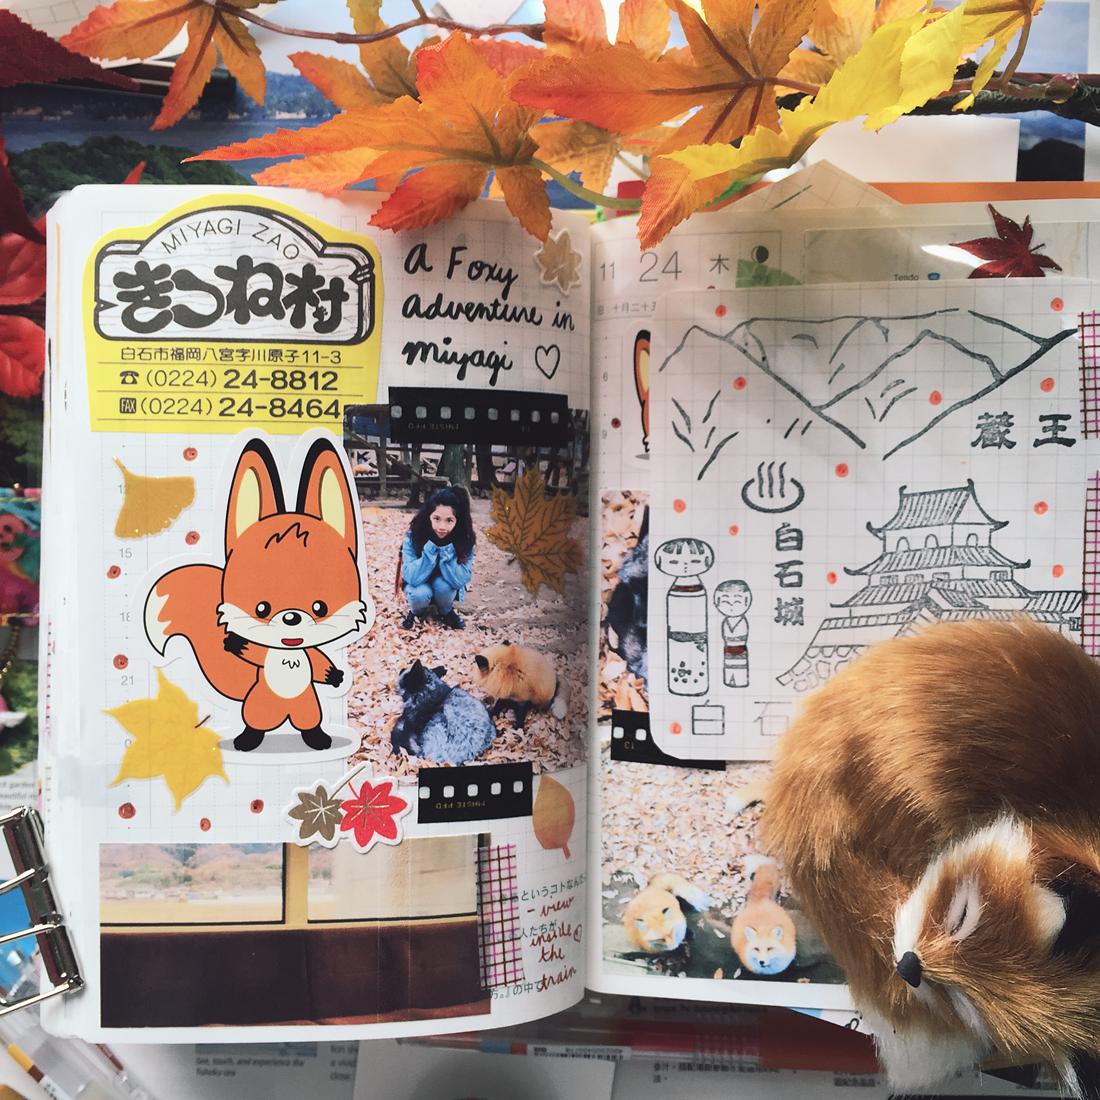 miyagi-zao-fox-village-rainbowholic-161